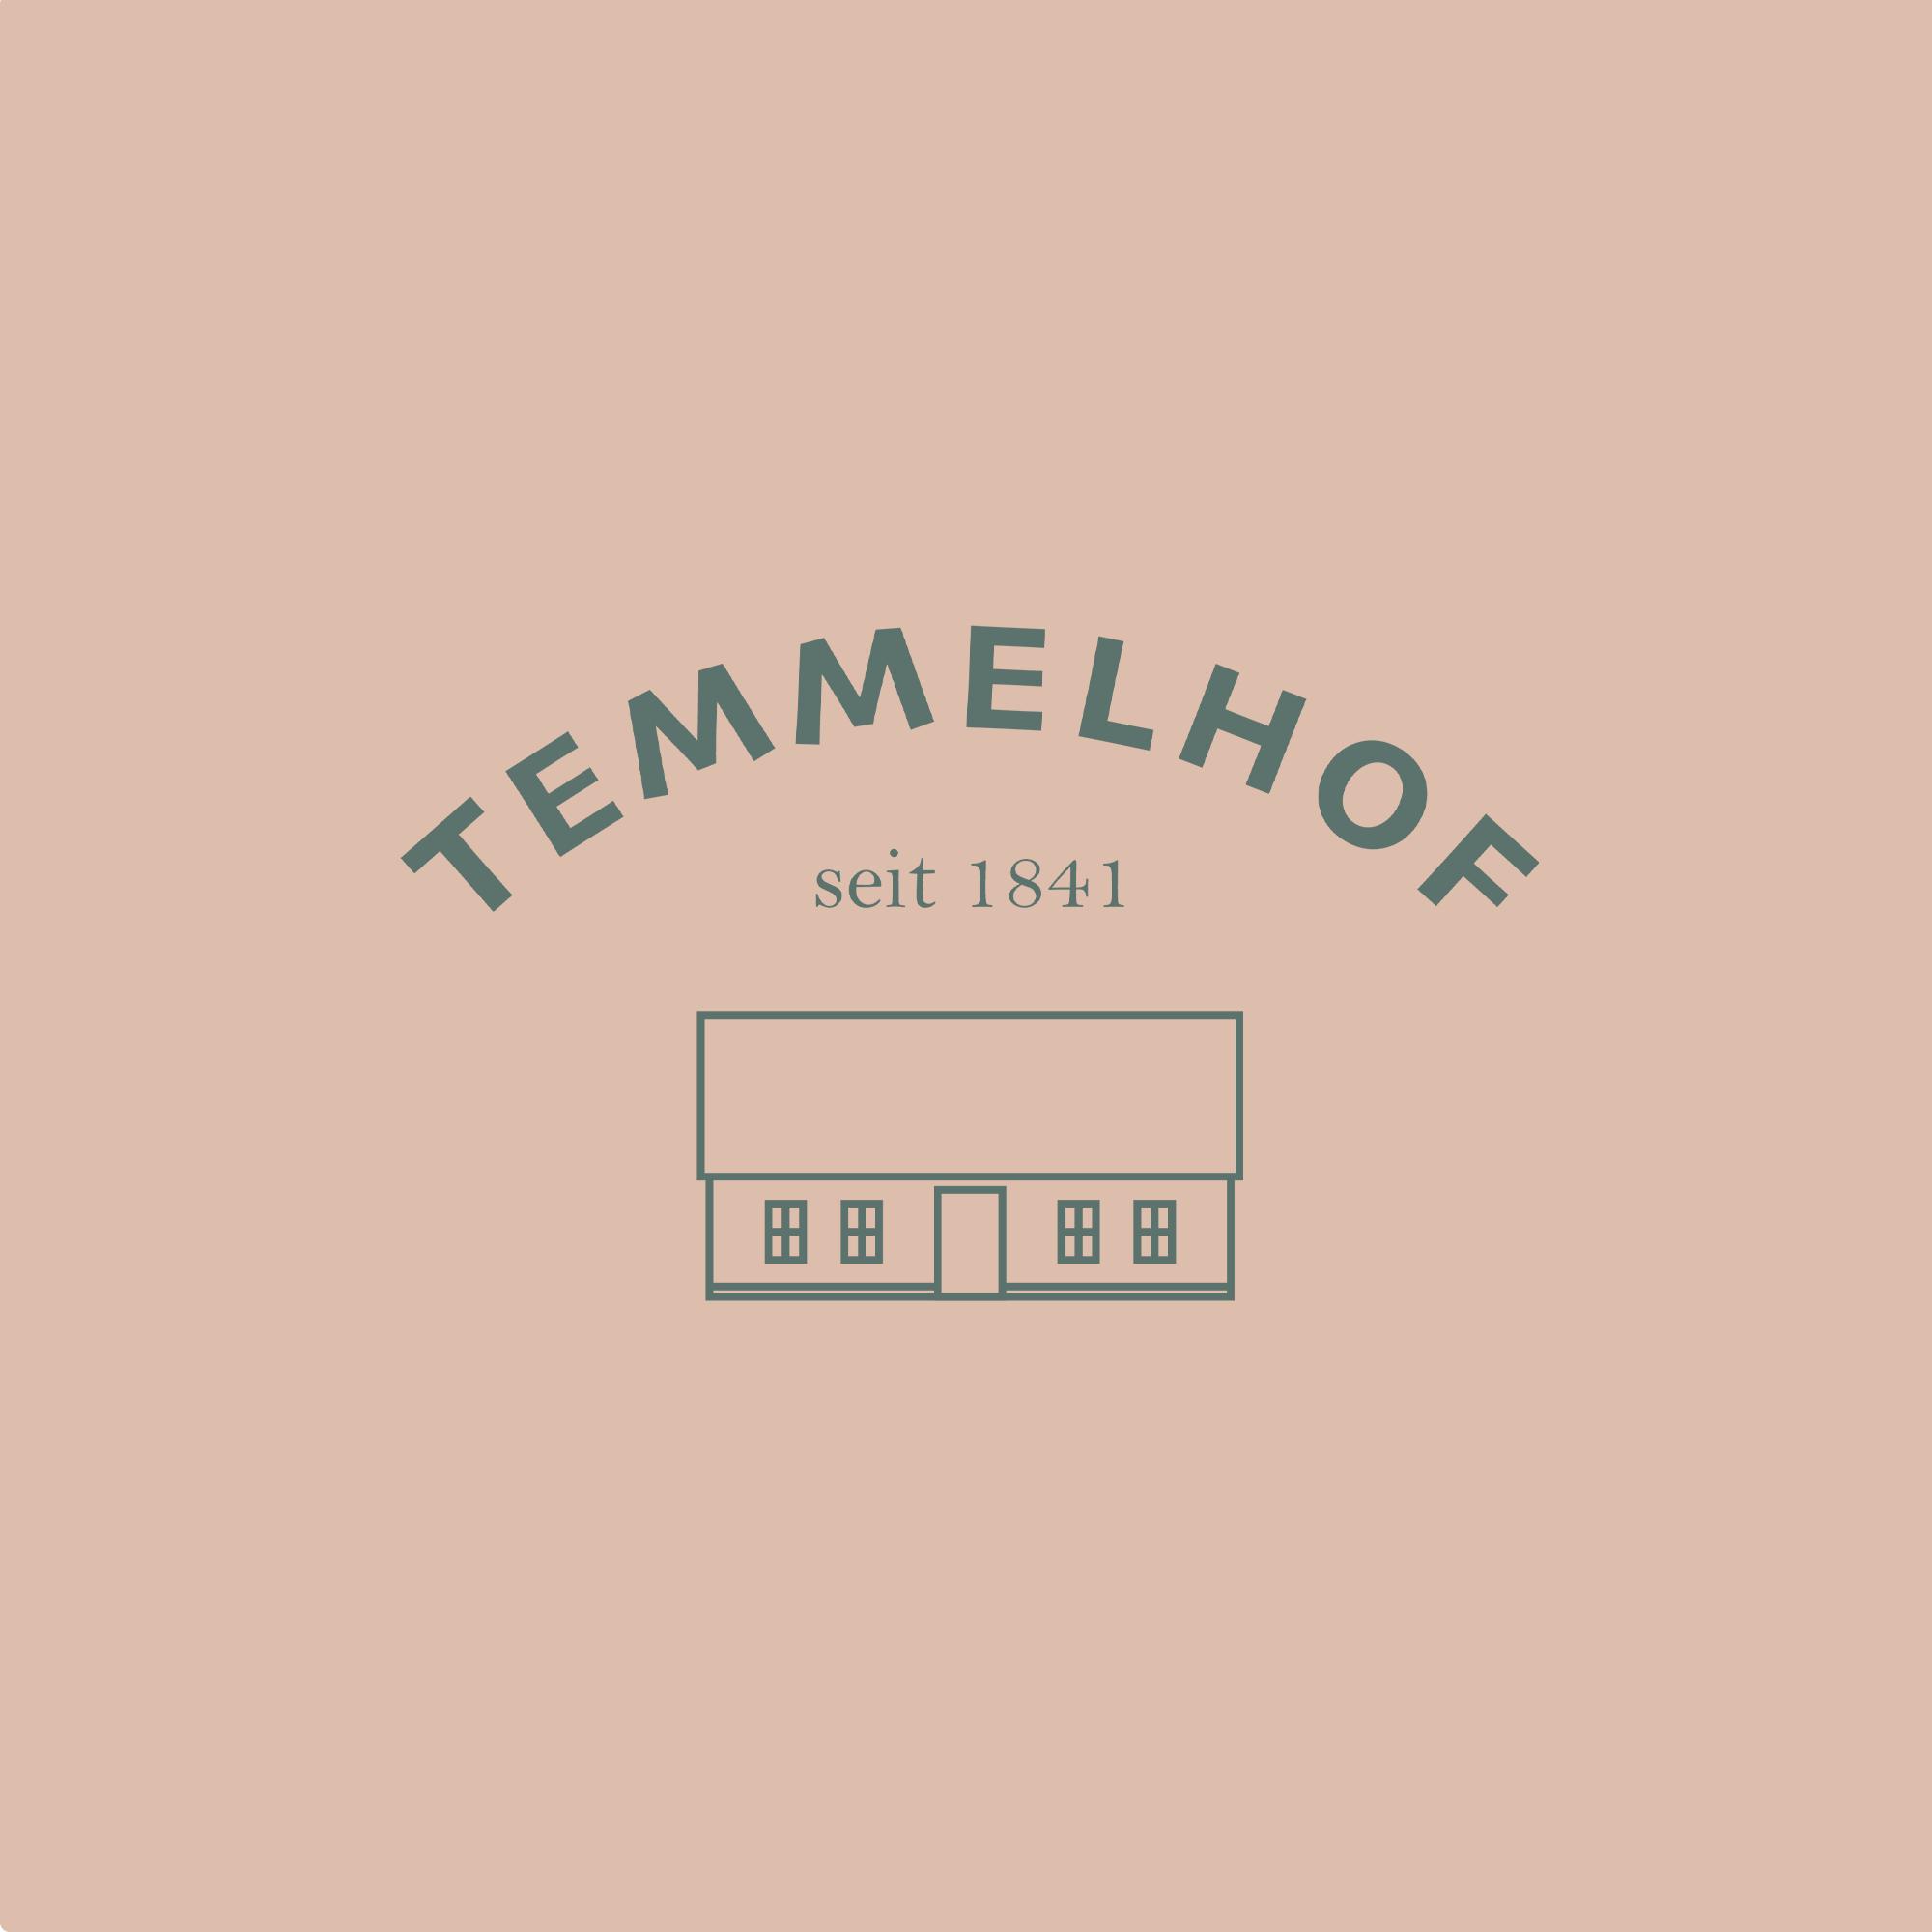 Temmelhof seit 1841